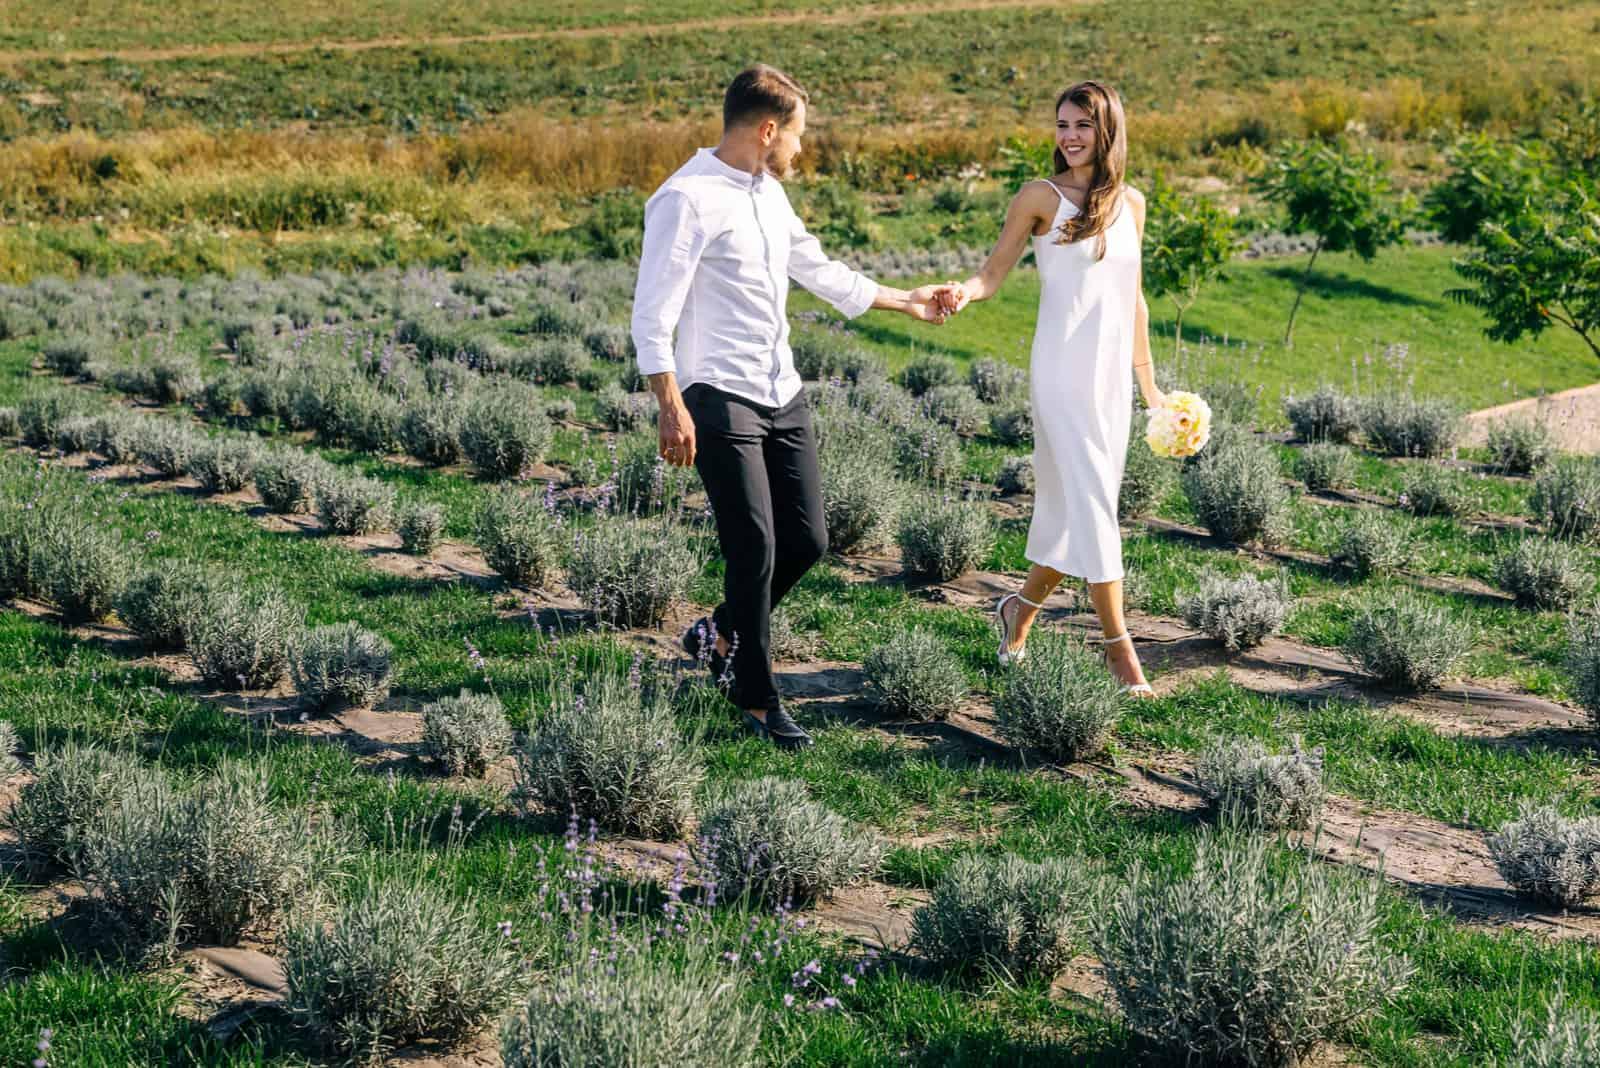 Ein liebevoller Bräutigam und eine süße Braut